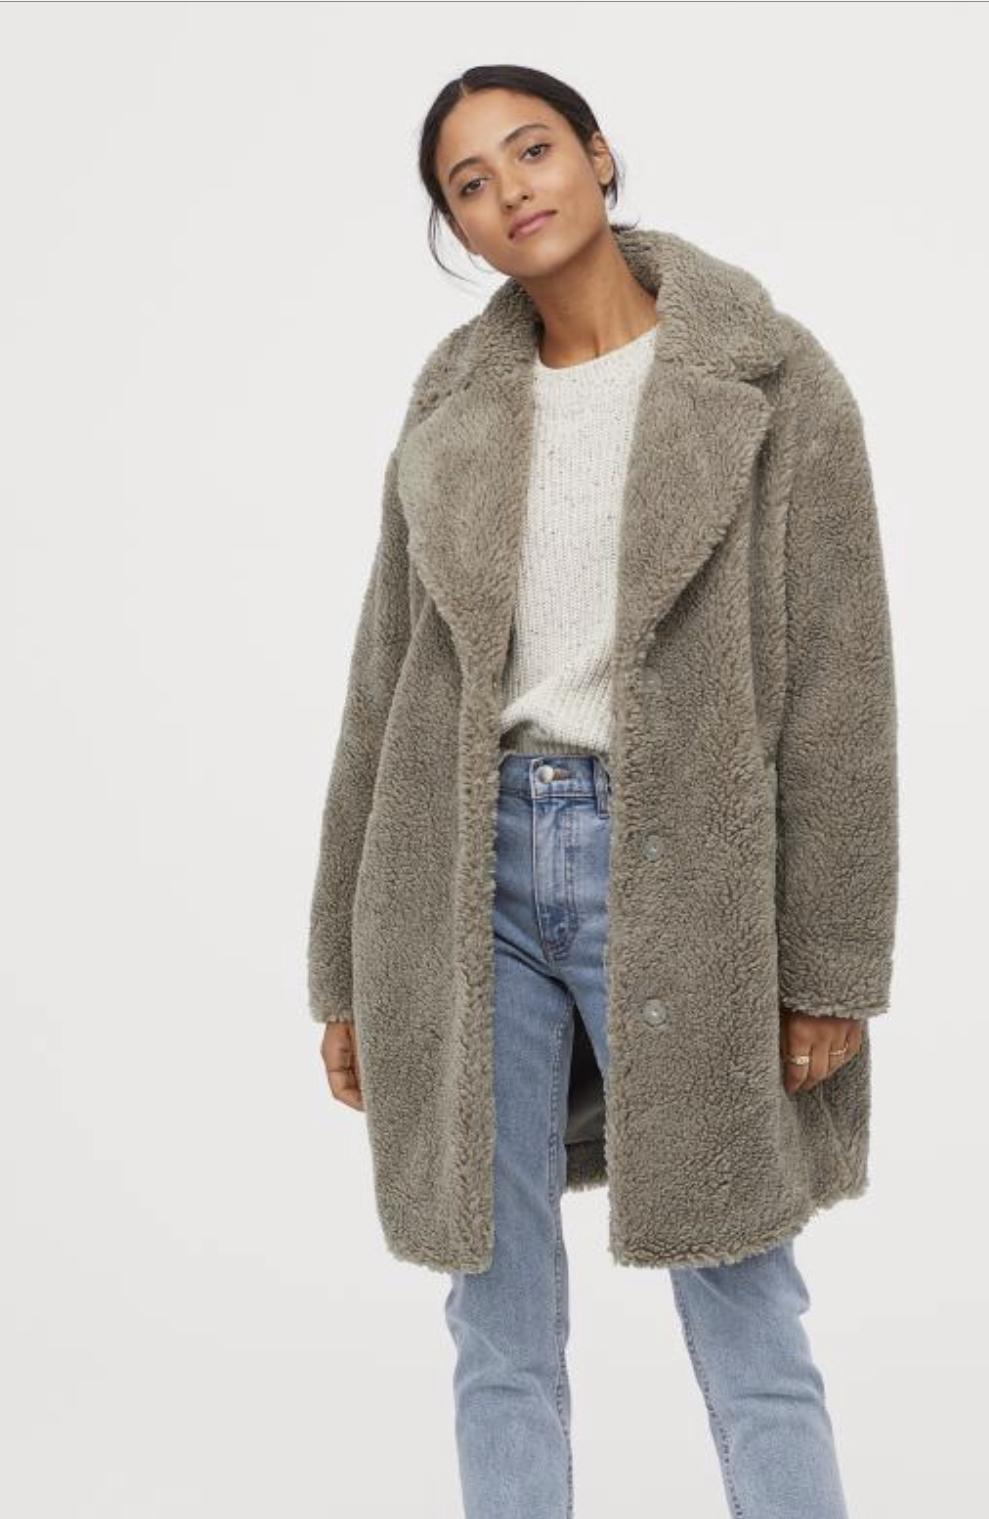 H&M green pile coat, $79.99